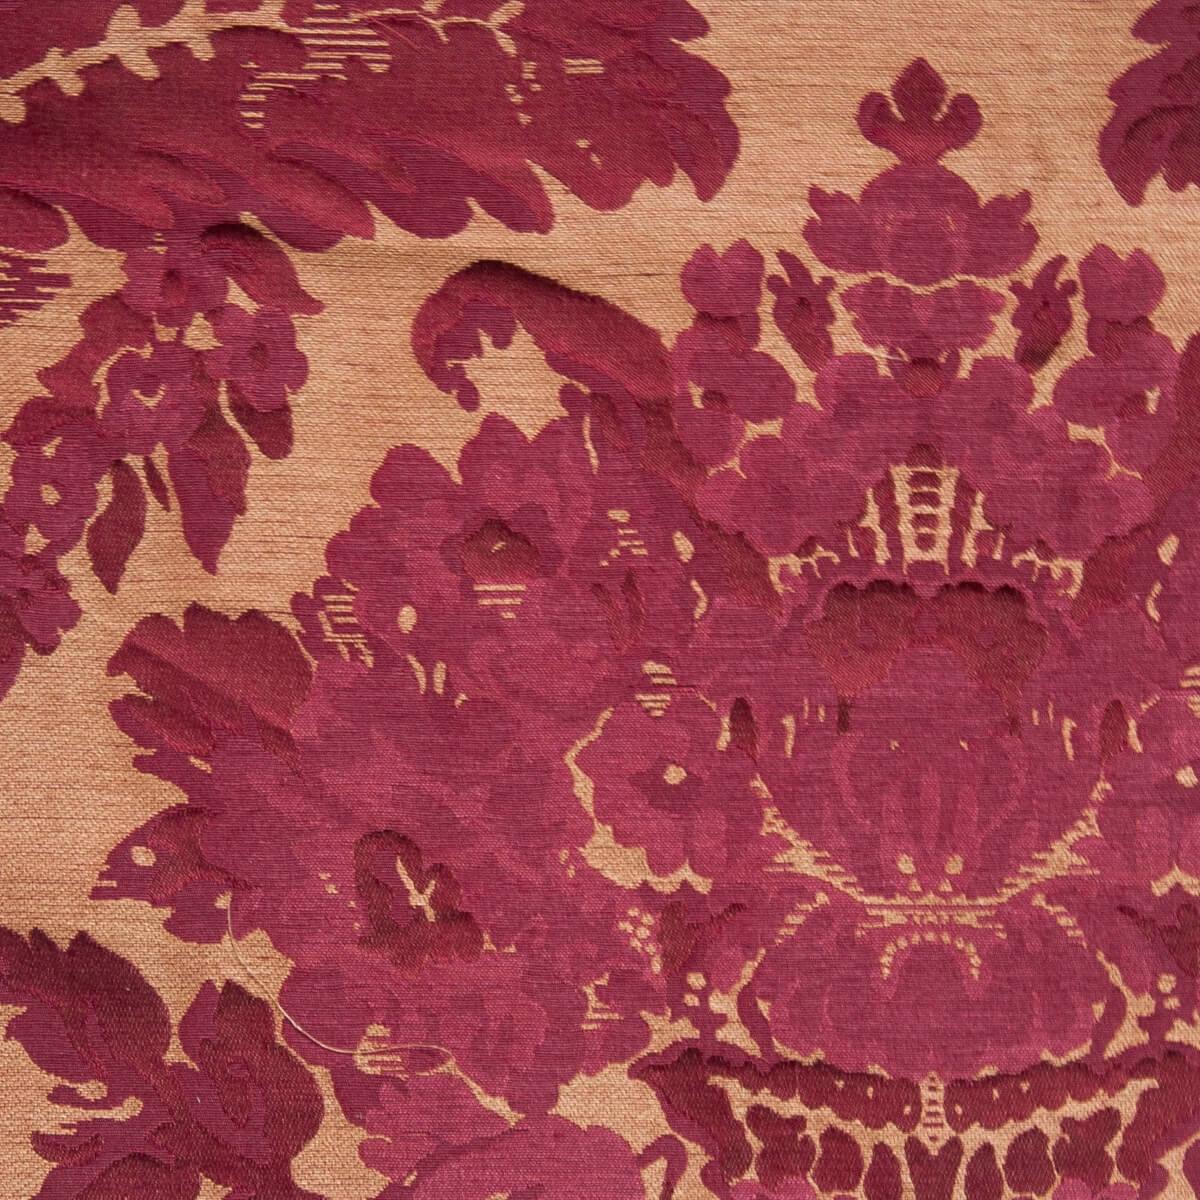 Broccatello Giardino rosso 106-34248 | Tessiture Bevilacqua